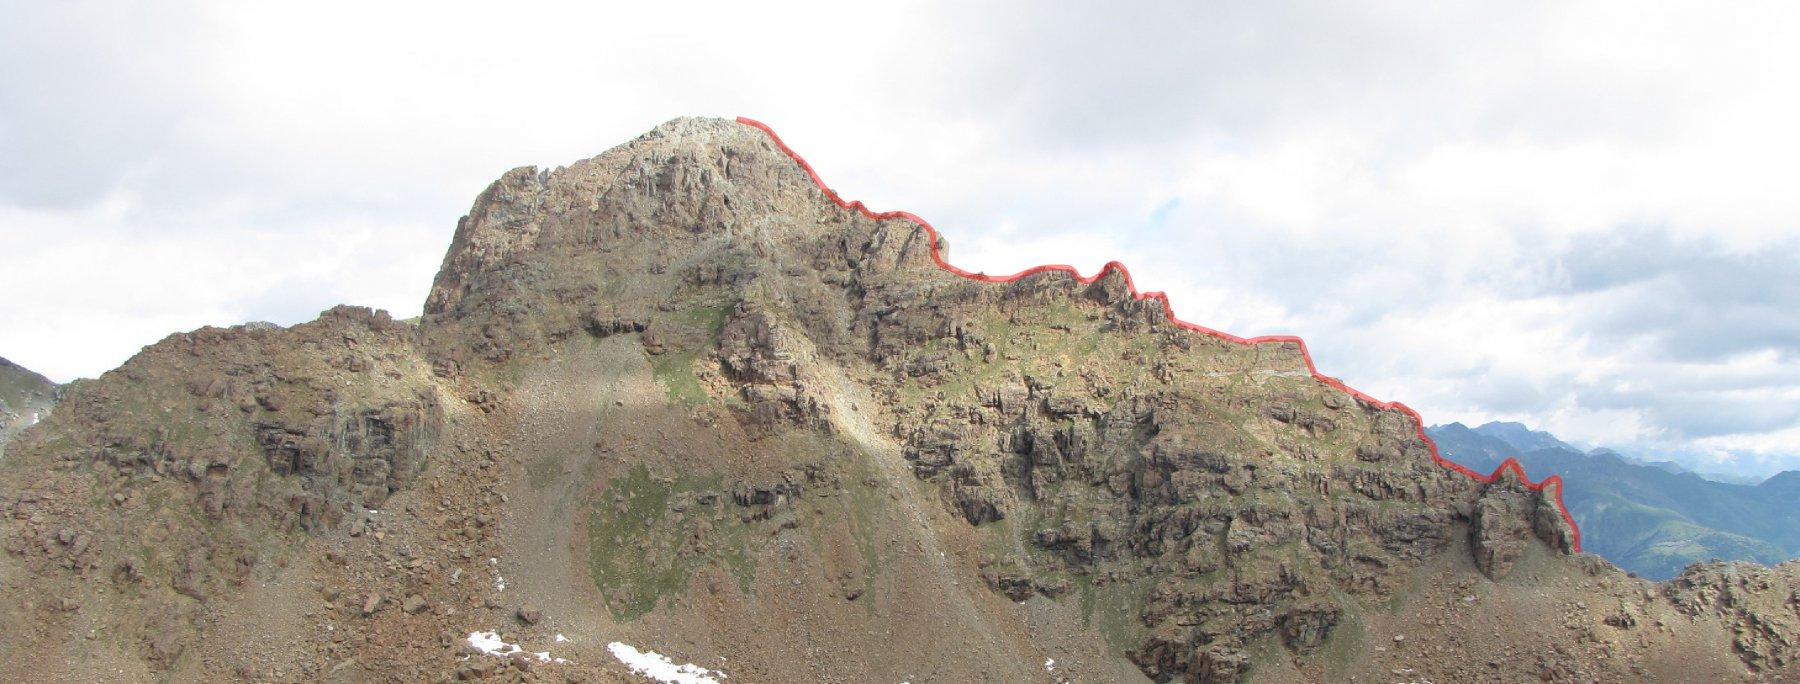 la cresta vista dalla costa glantin del rocciavrè